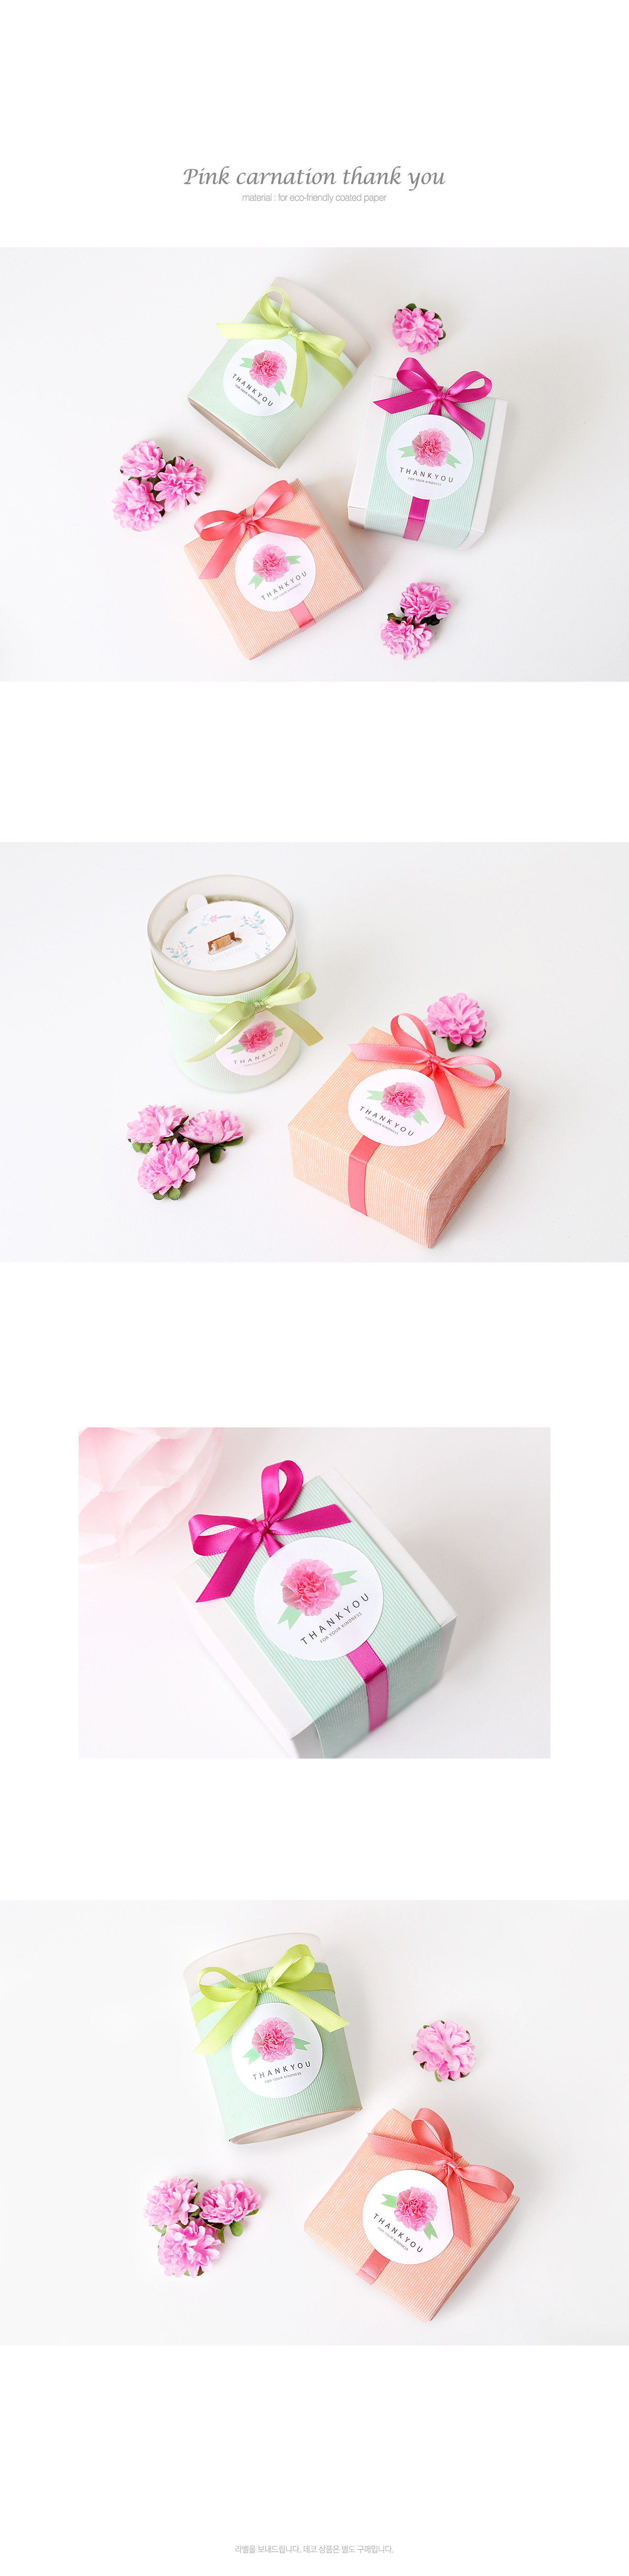 핑크 카네이션 땡큐 원형 라벨 (10개) - 인디고샵, 1,100원, 스티커, 시즌테마스티커